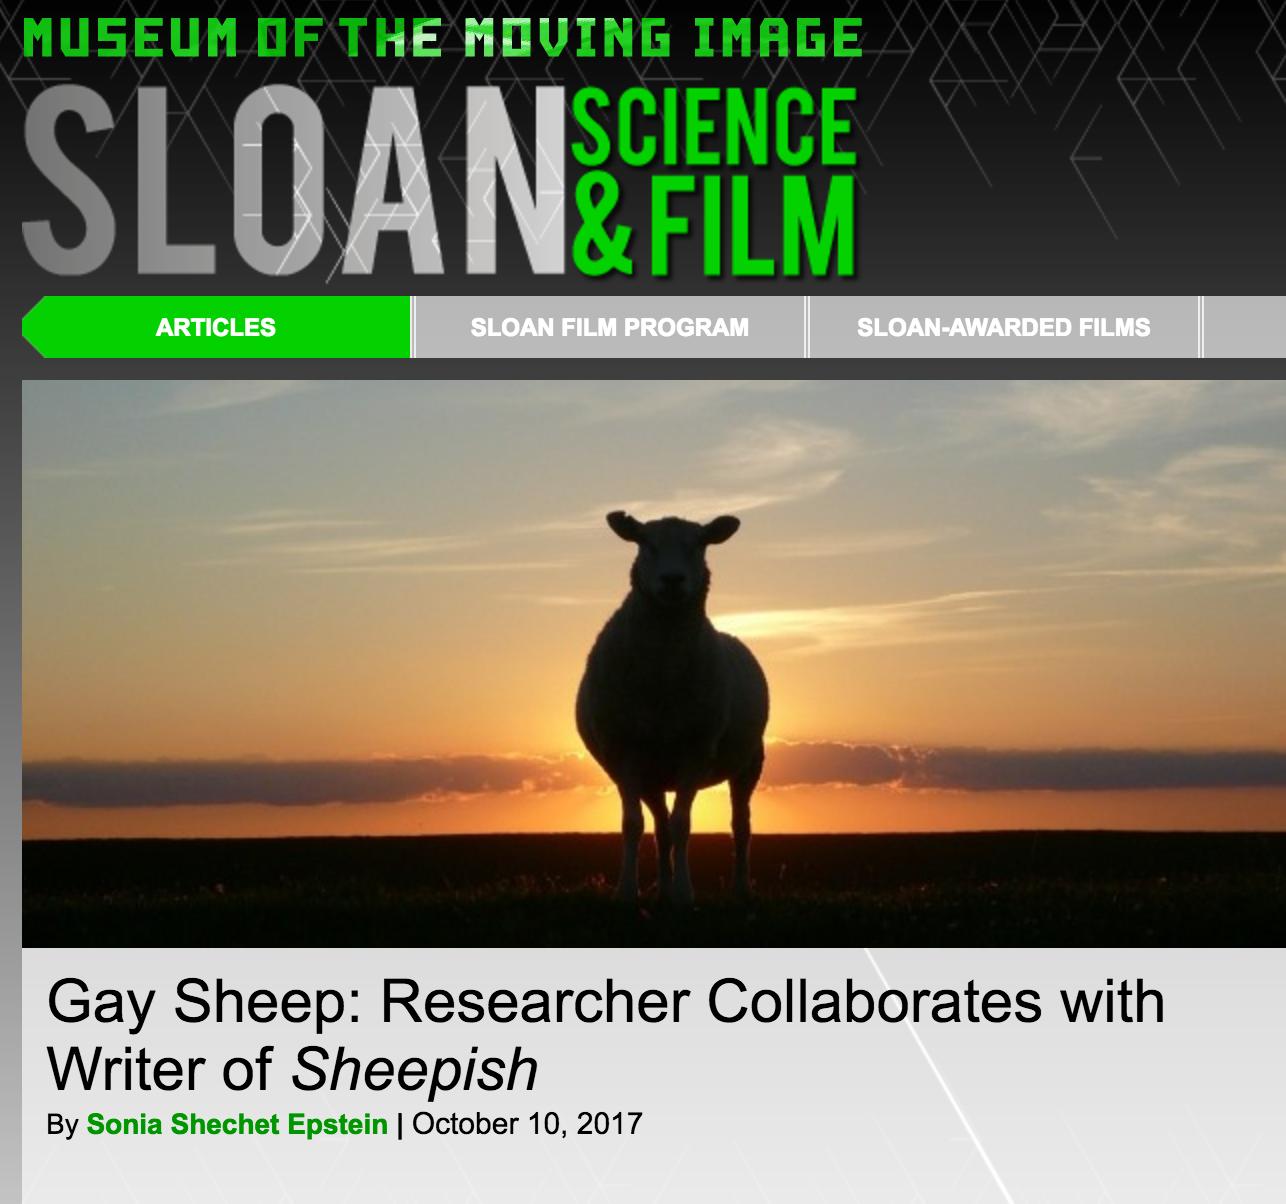 scienceandfilm_sheepish